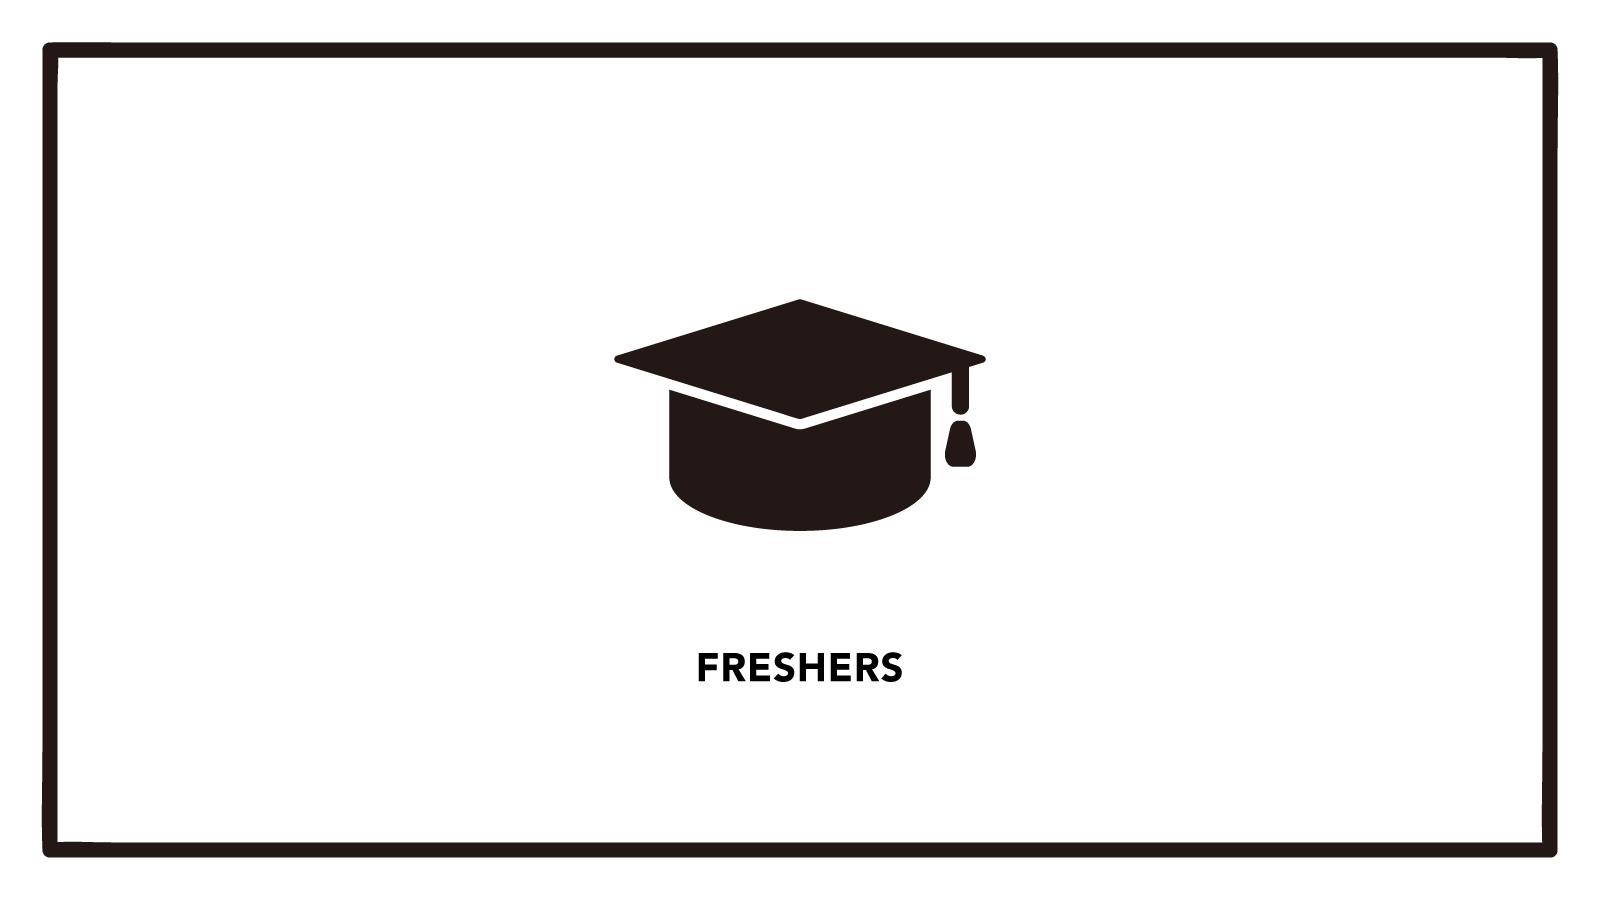 21新卒募集 残り採用枠4名<IT×ファッション企業>のカバー写真